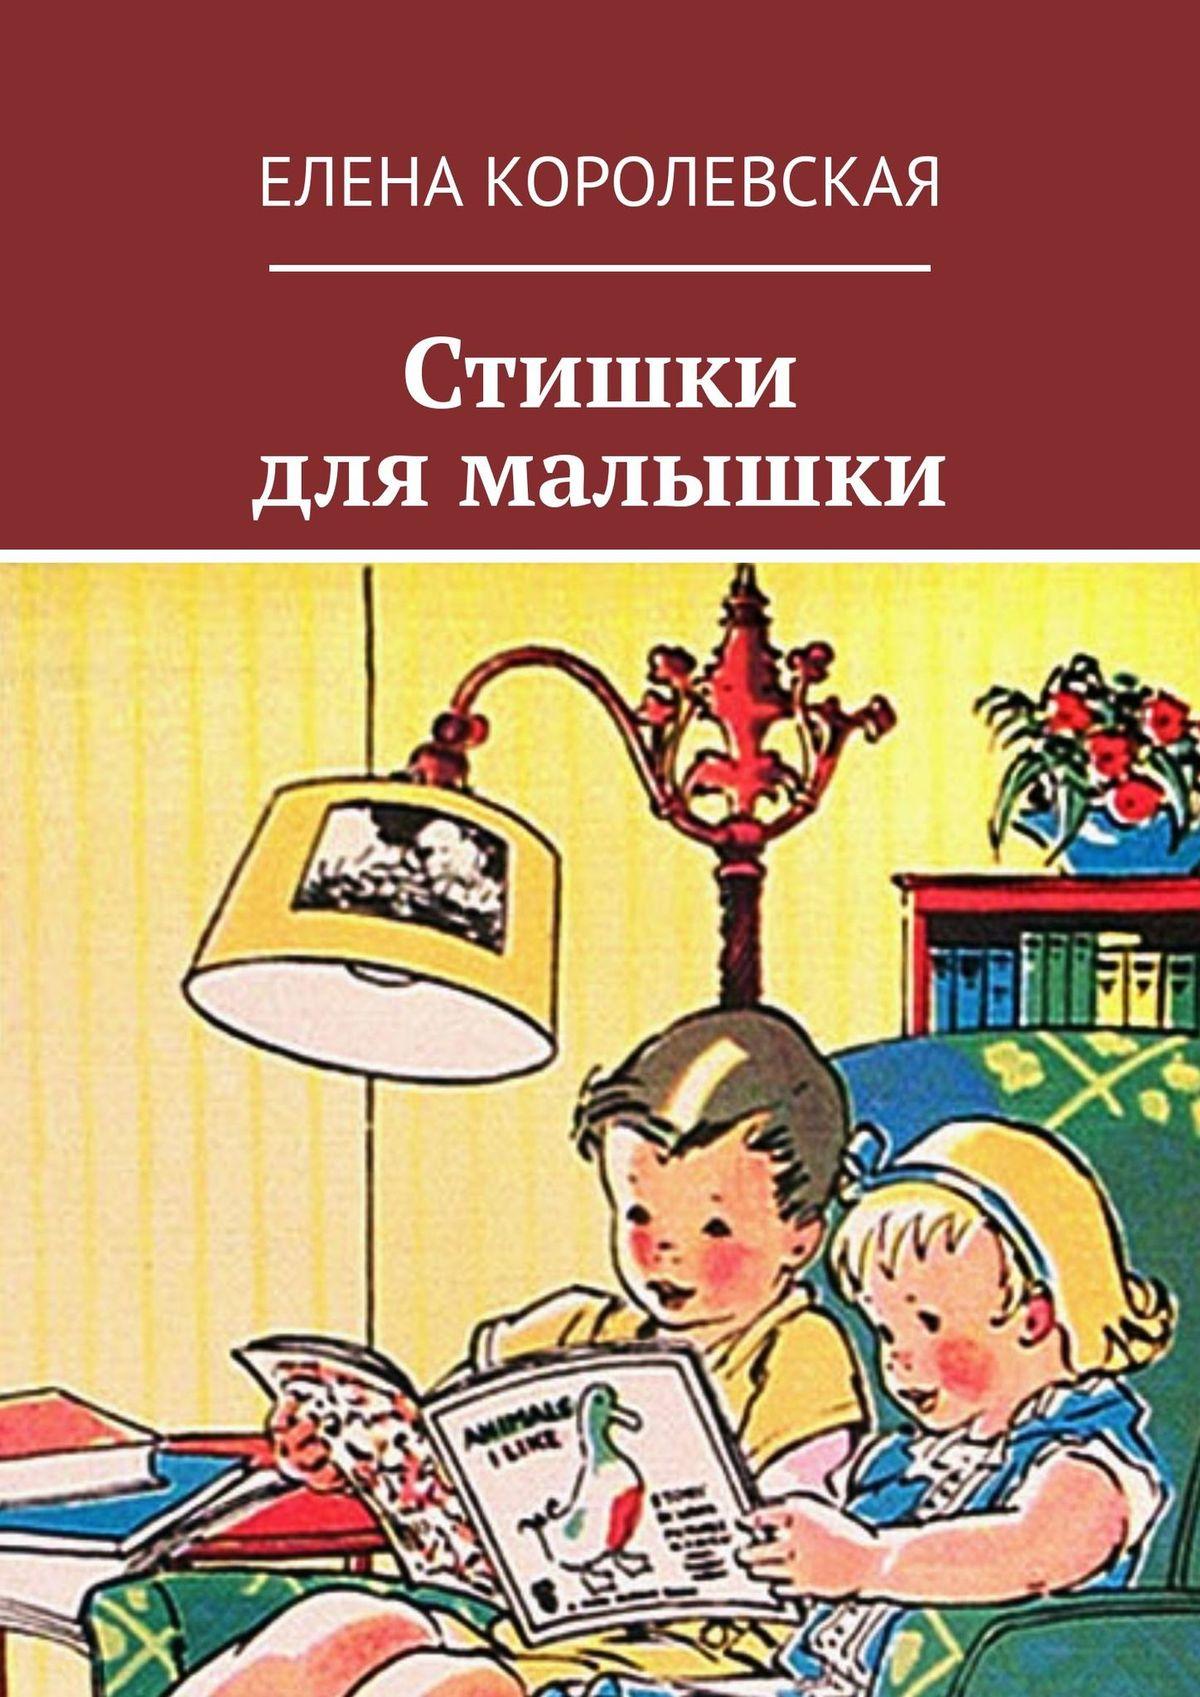 Елена Королевская Стишки длямалышки елена королевская рождественские и новогодние стихи для всей семьи